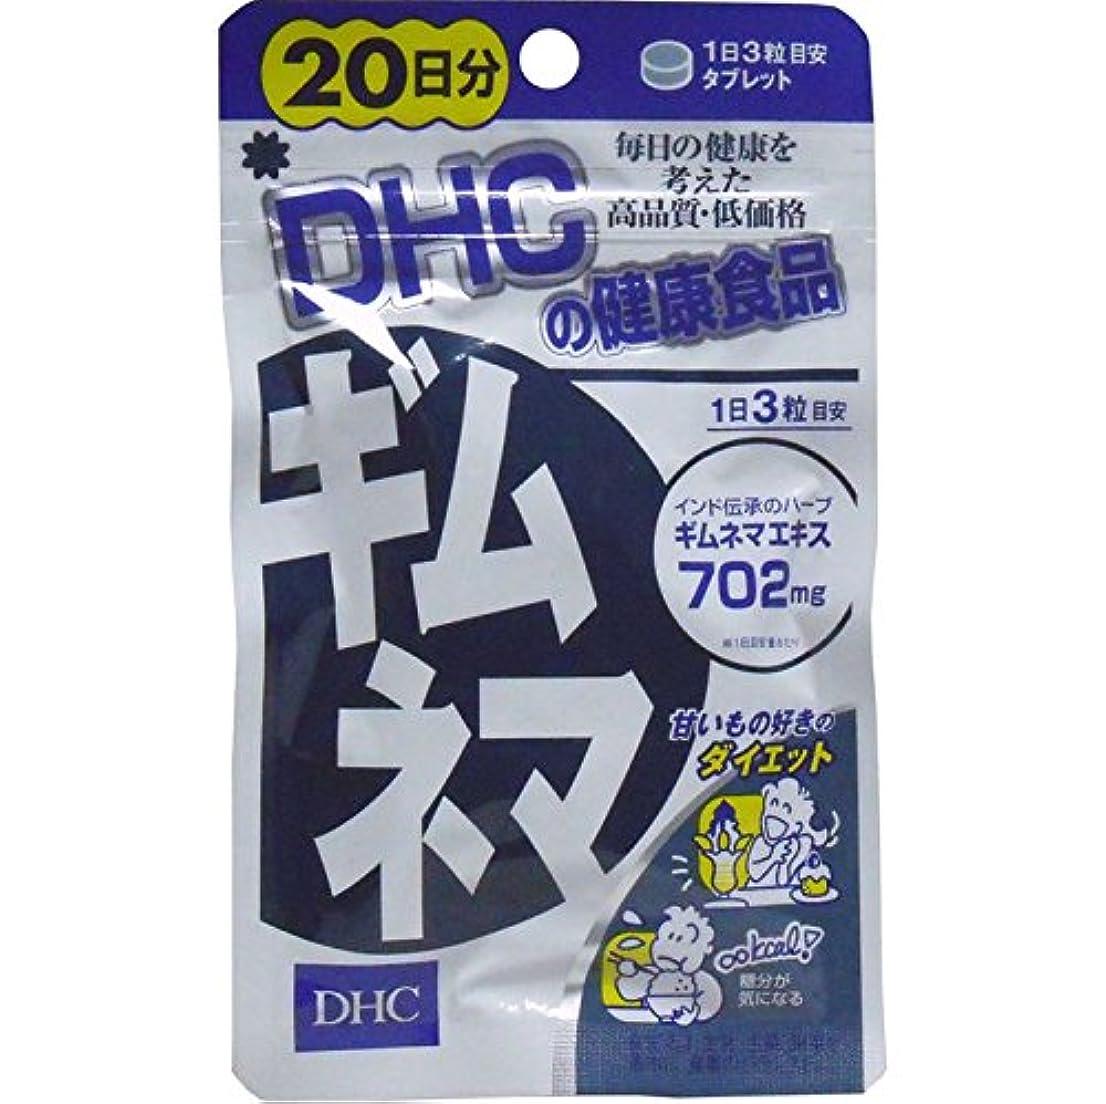 バックアップ時代父方の我慢せずに余分な糖分をブロック DHC ギムネマ 20日分 60粒